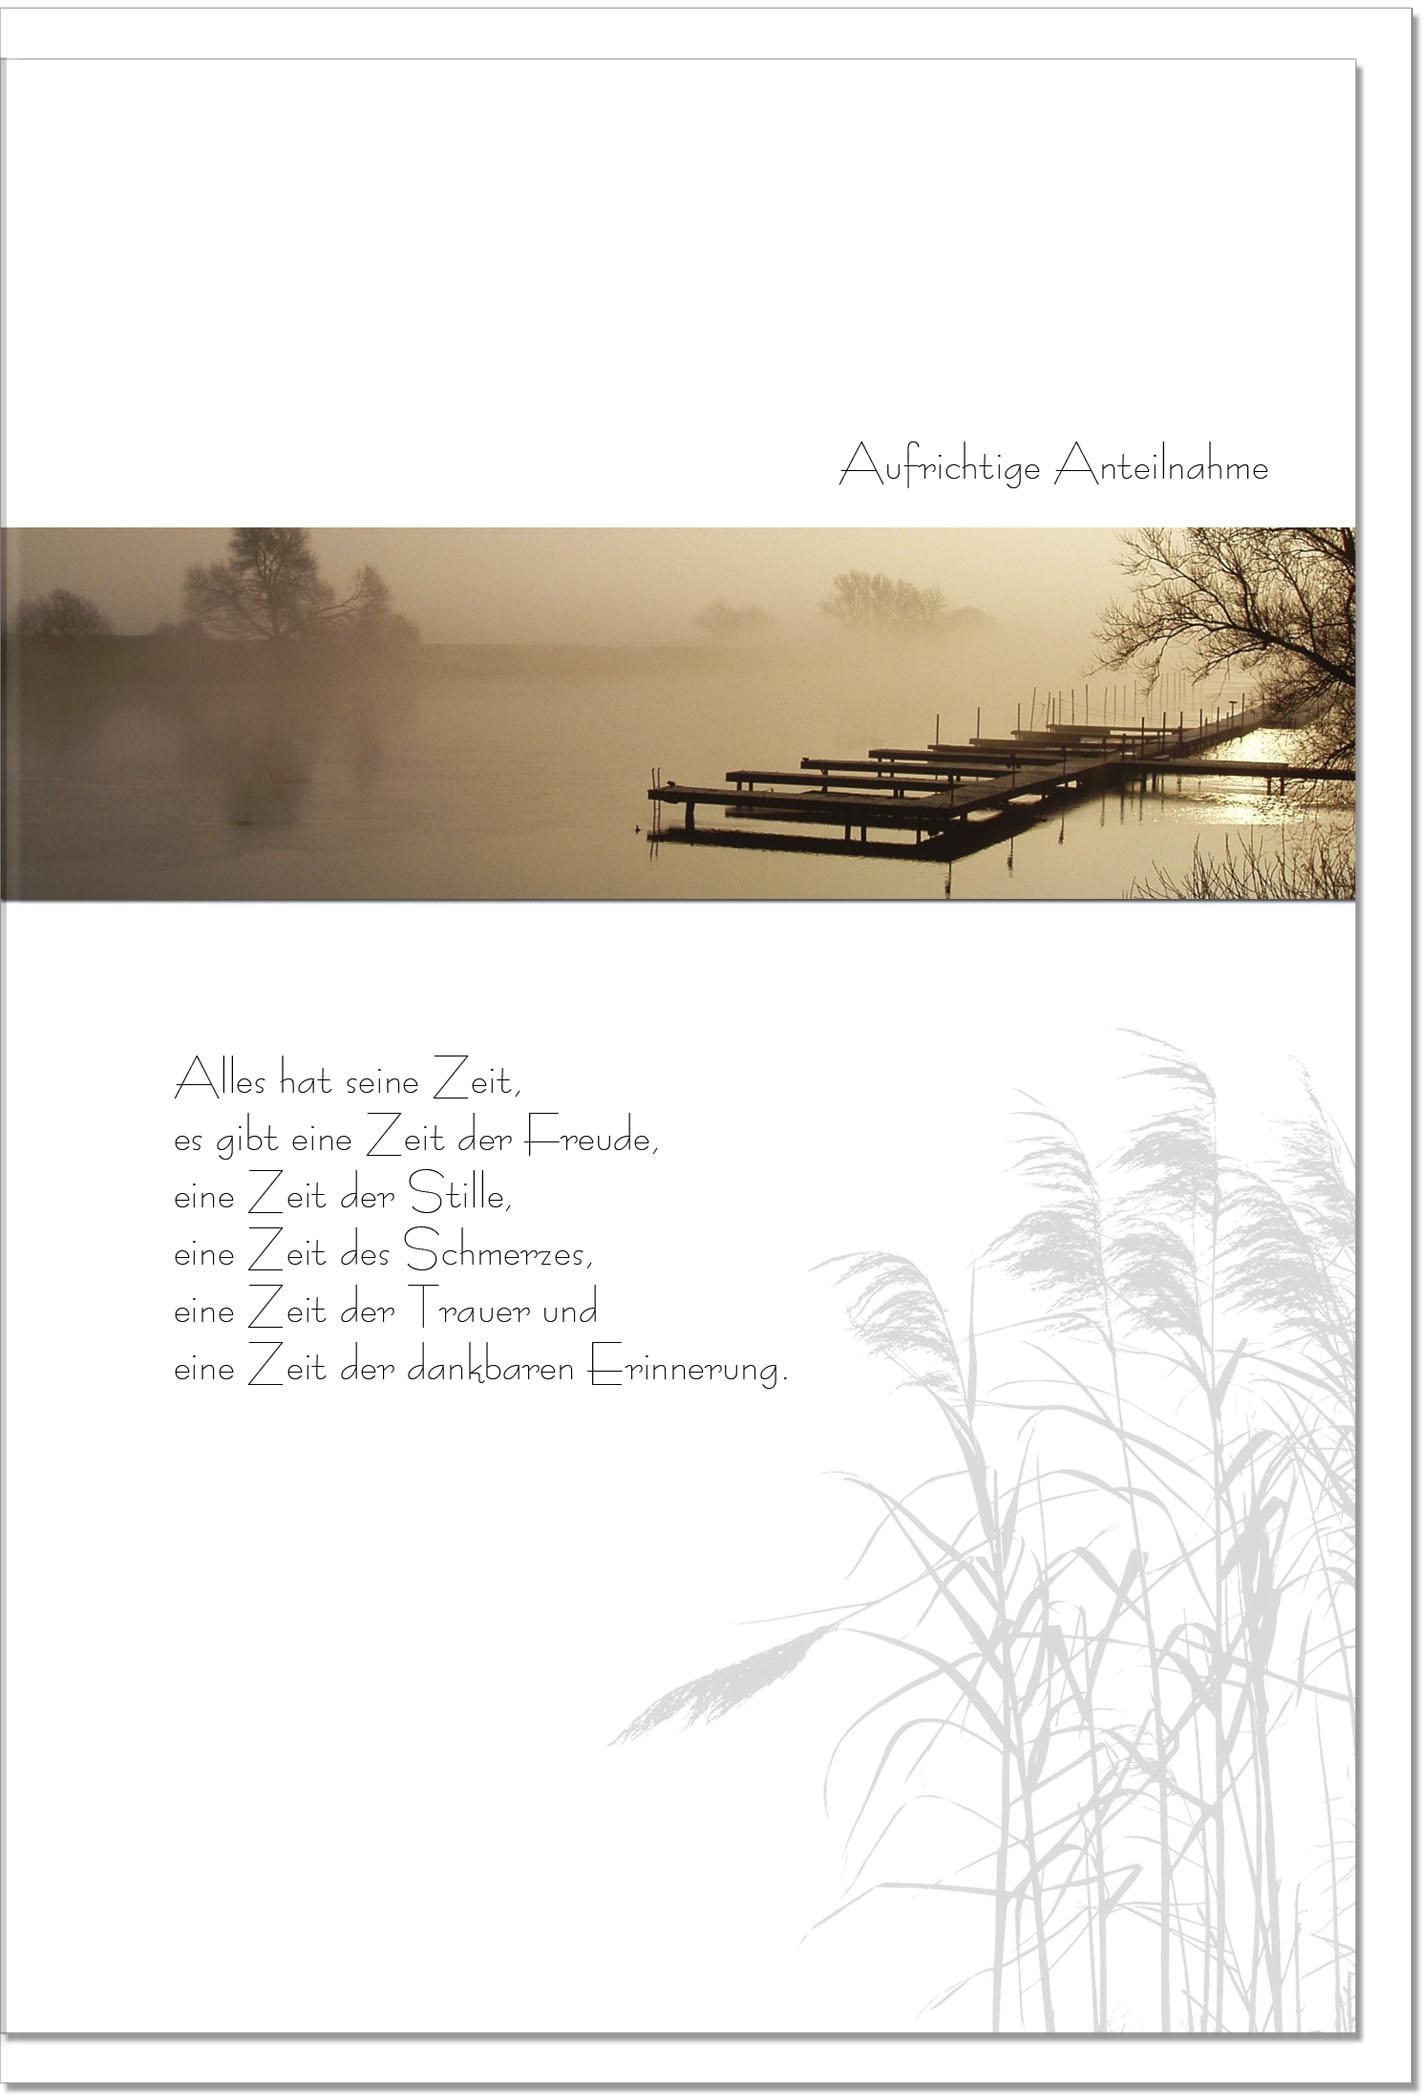 Trauerkarte ALLES HAT SEINE ZEIT | Abendstimmung am See | metALUm #00088